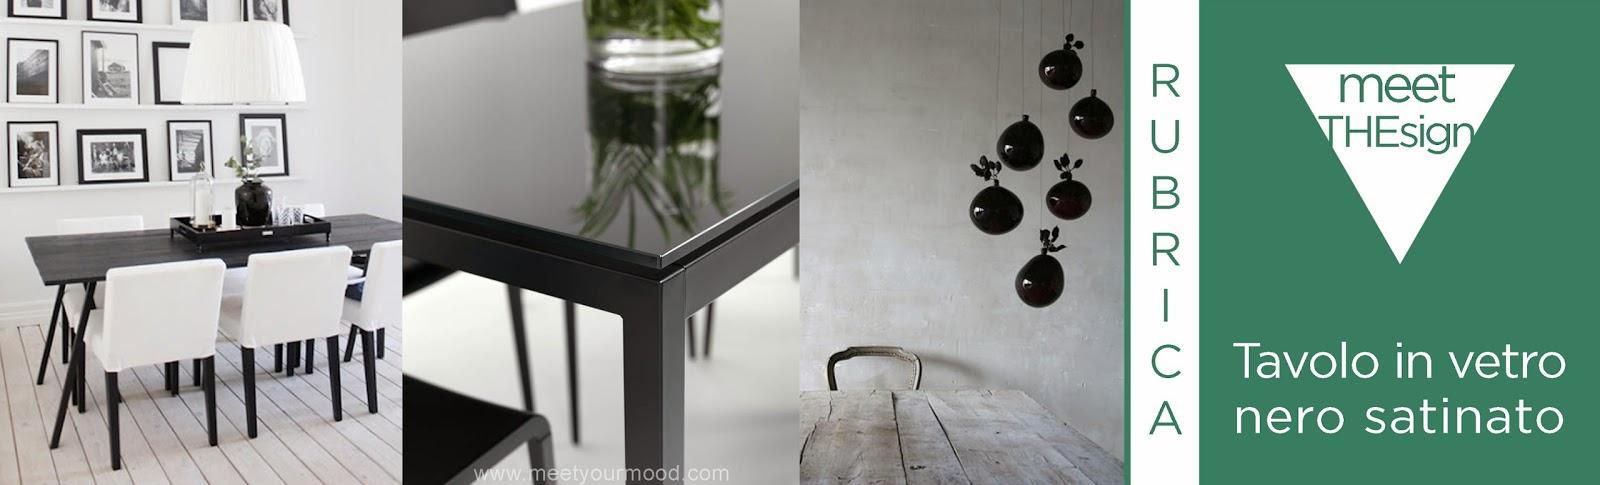 Tavolo in vetro nero satinato...esiste davvero? | meetyourMOOD